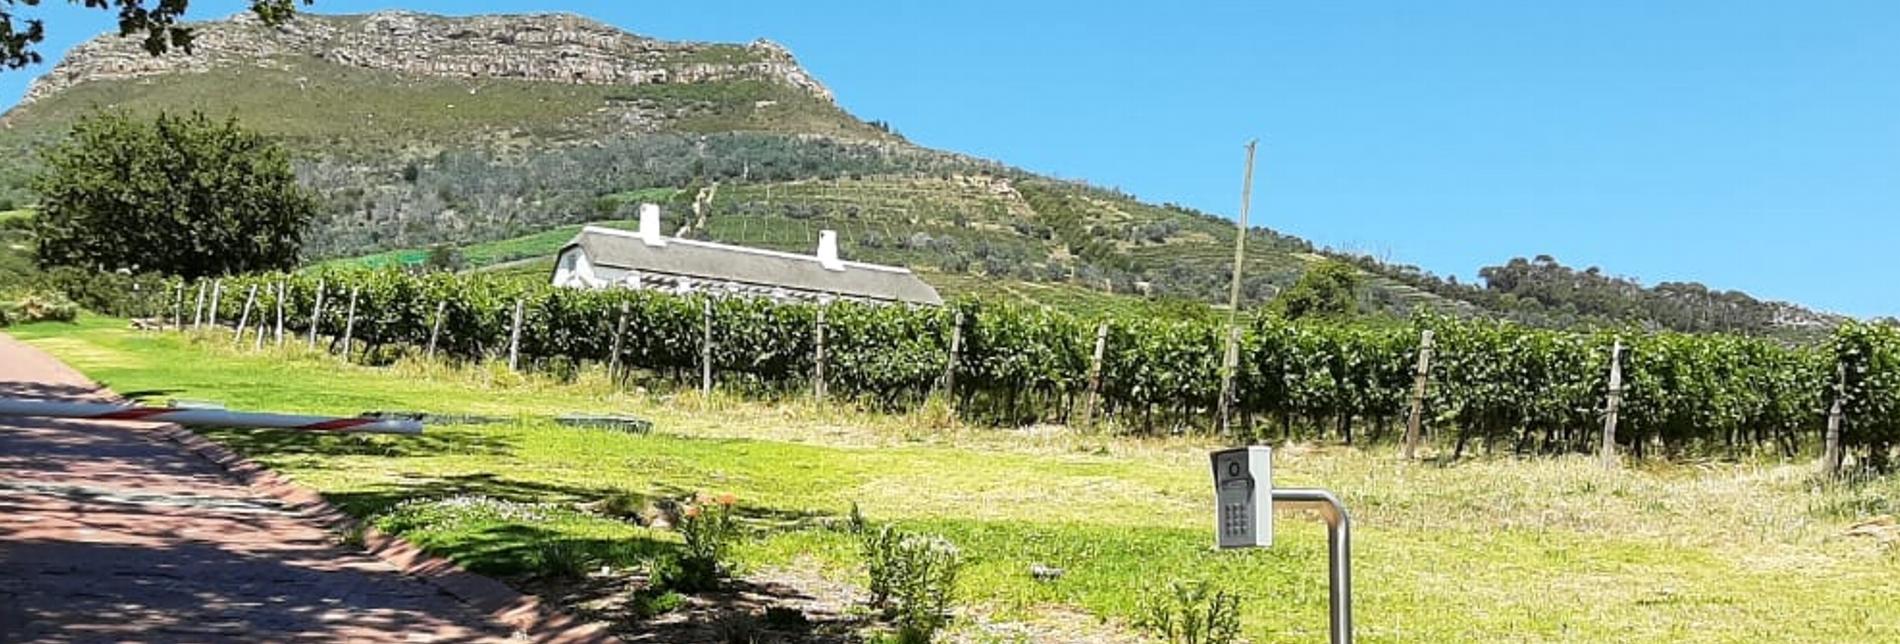 Africa Citta del Capo Sud Africa